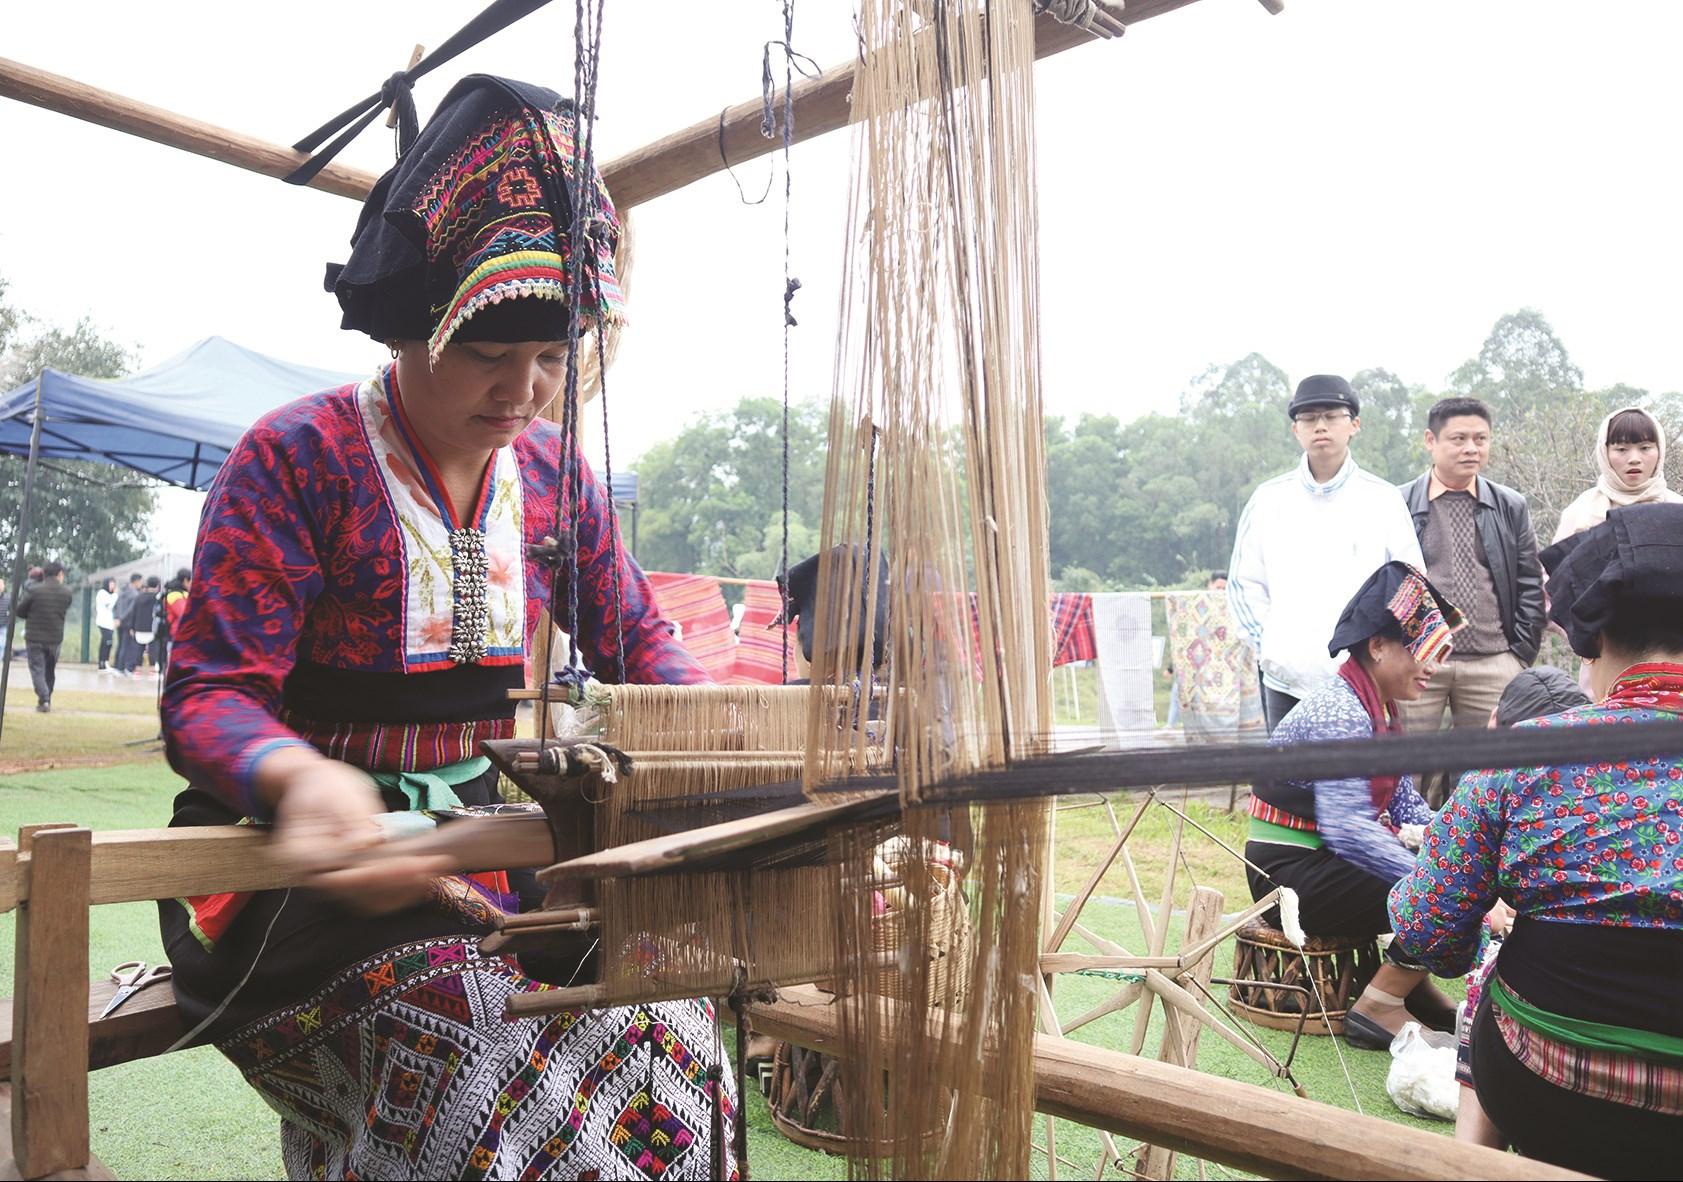 Đề án Bảo tồn, phát huy trang phục truyền thống các DTTS Việt Nam trong giai đoạn hiện nay được phê duyệt góp phần quan trọng trong công tác bảo tồn trang phục các DTTS